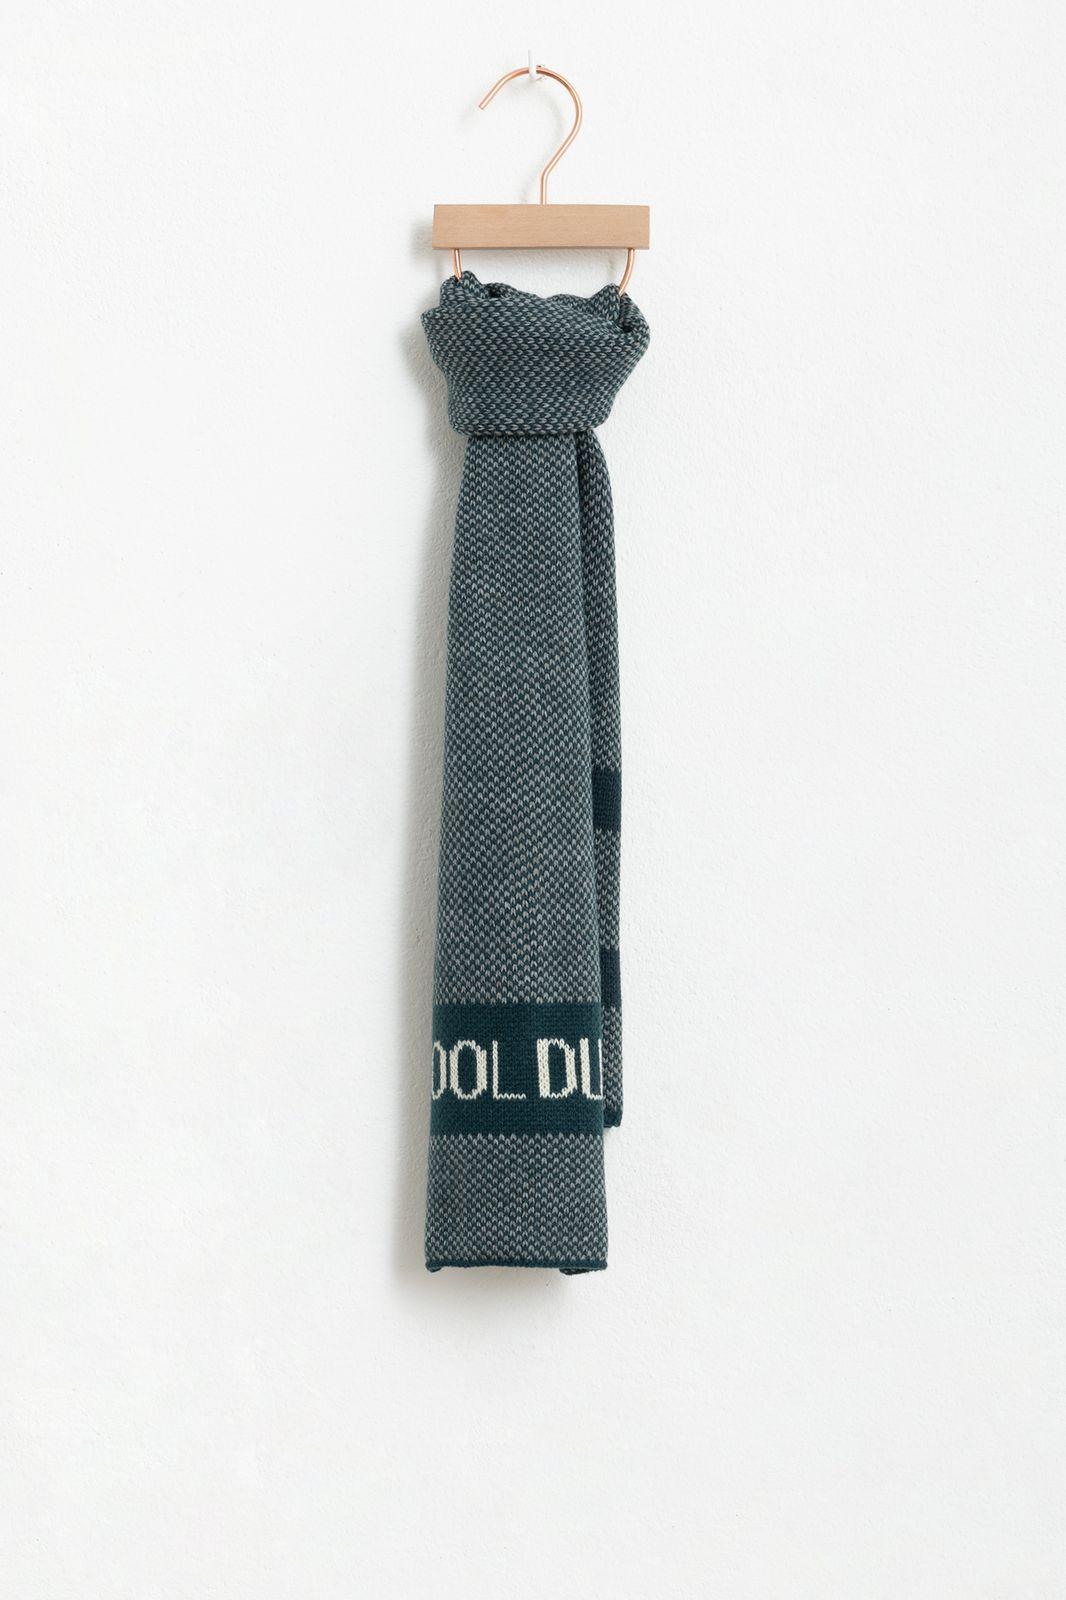 Blauw gebreide sjaal